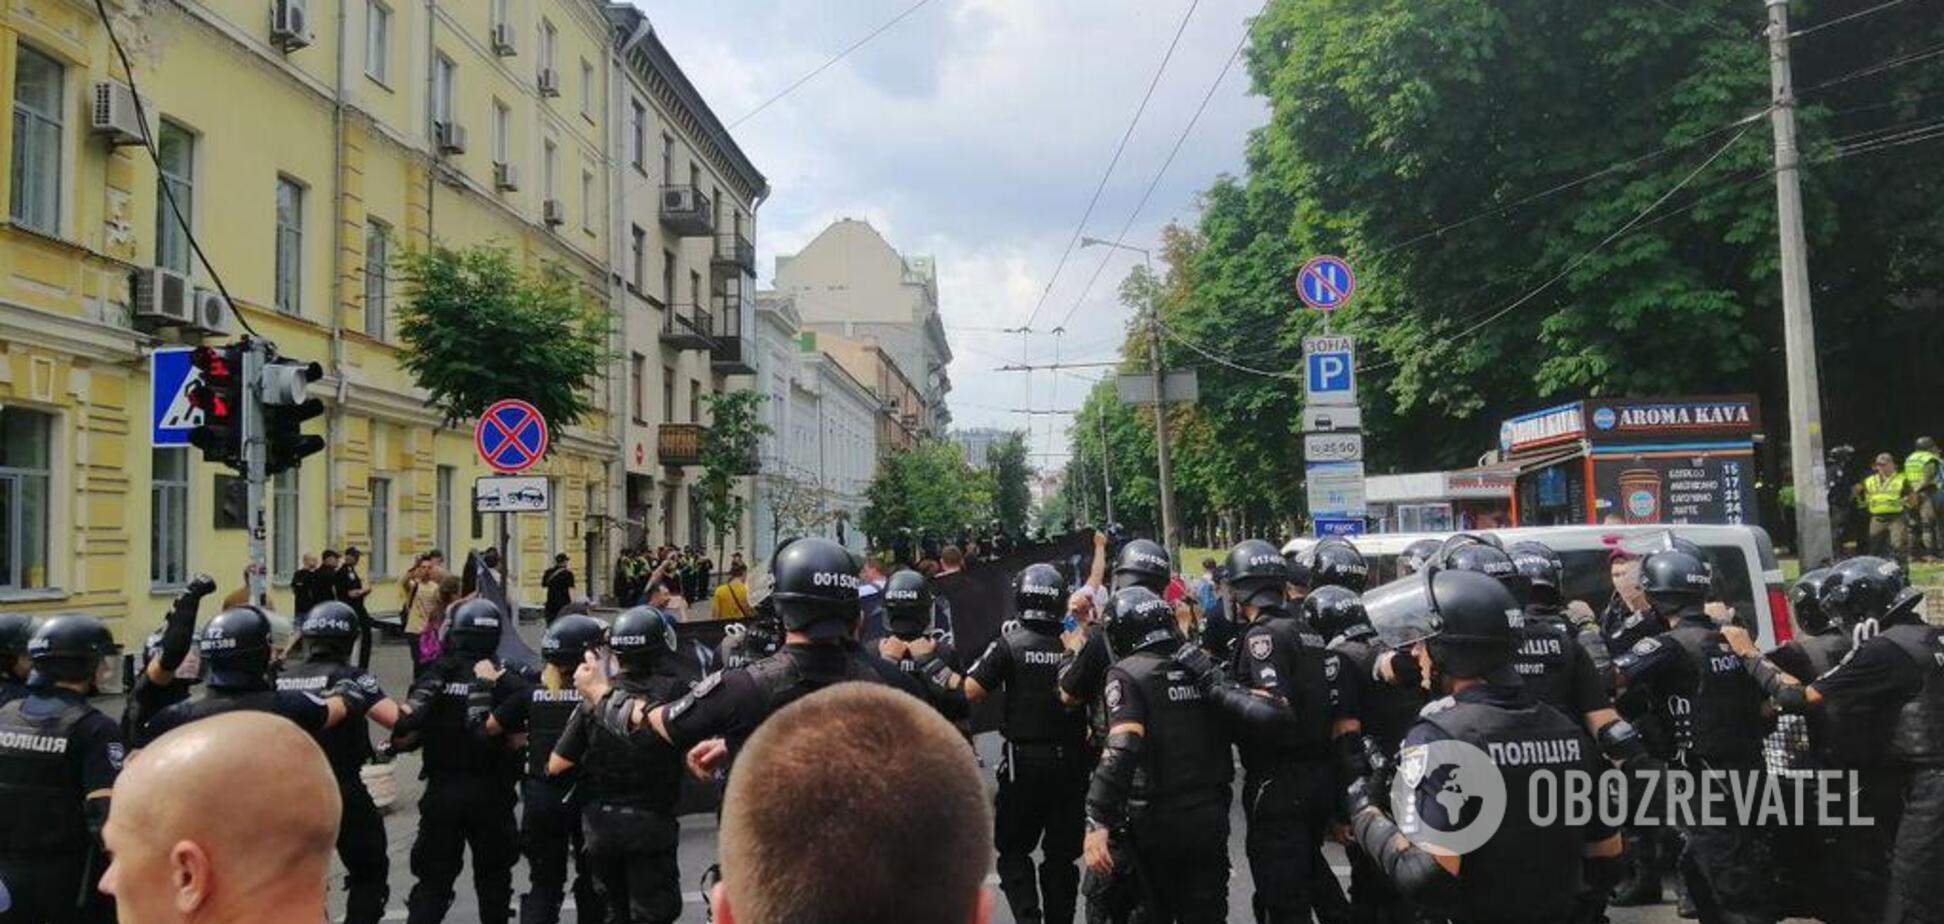 На Марше равенства в Киеве прошли столкновения, был слышен выстрел